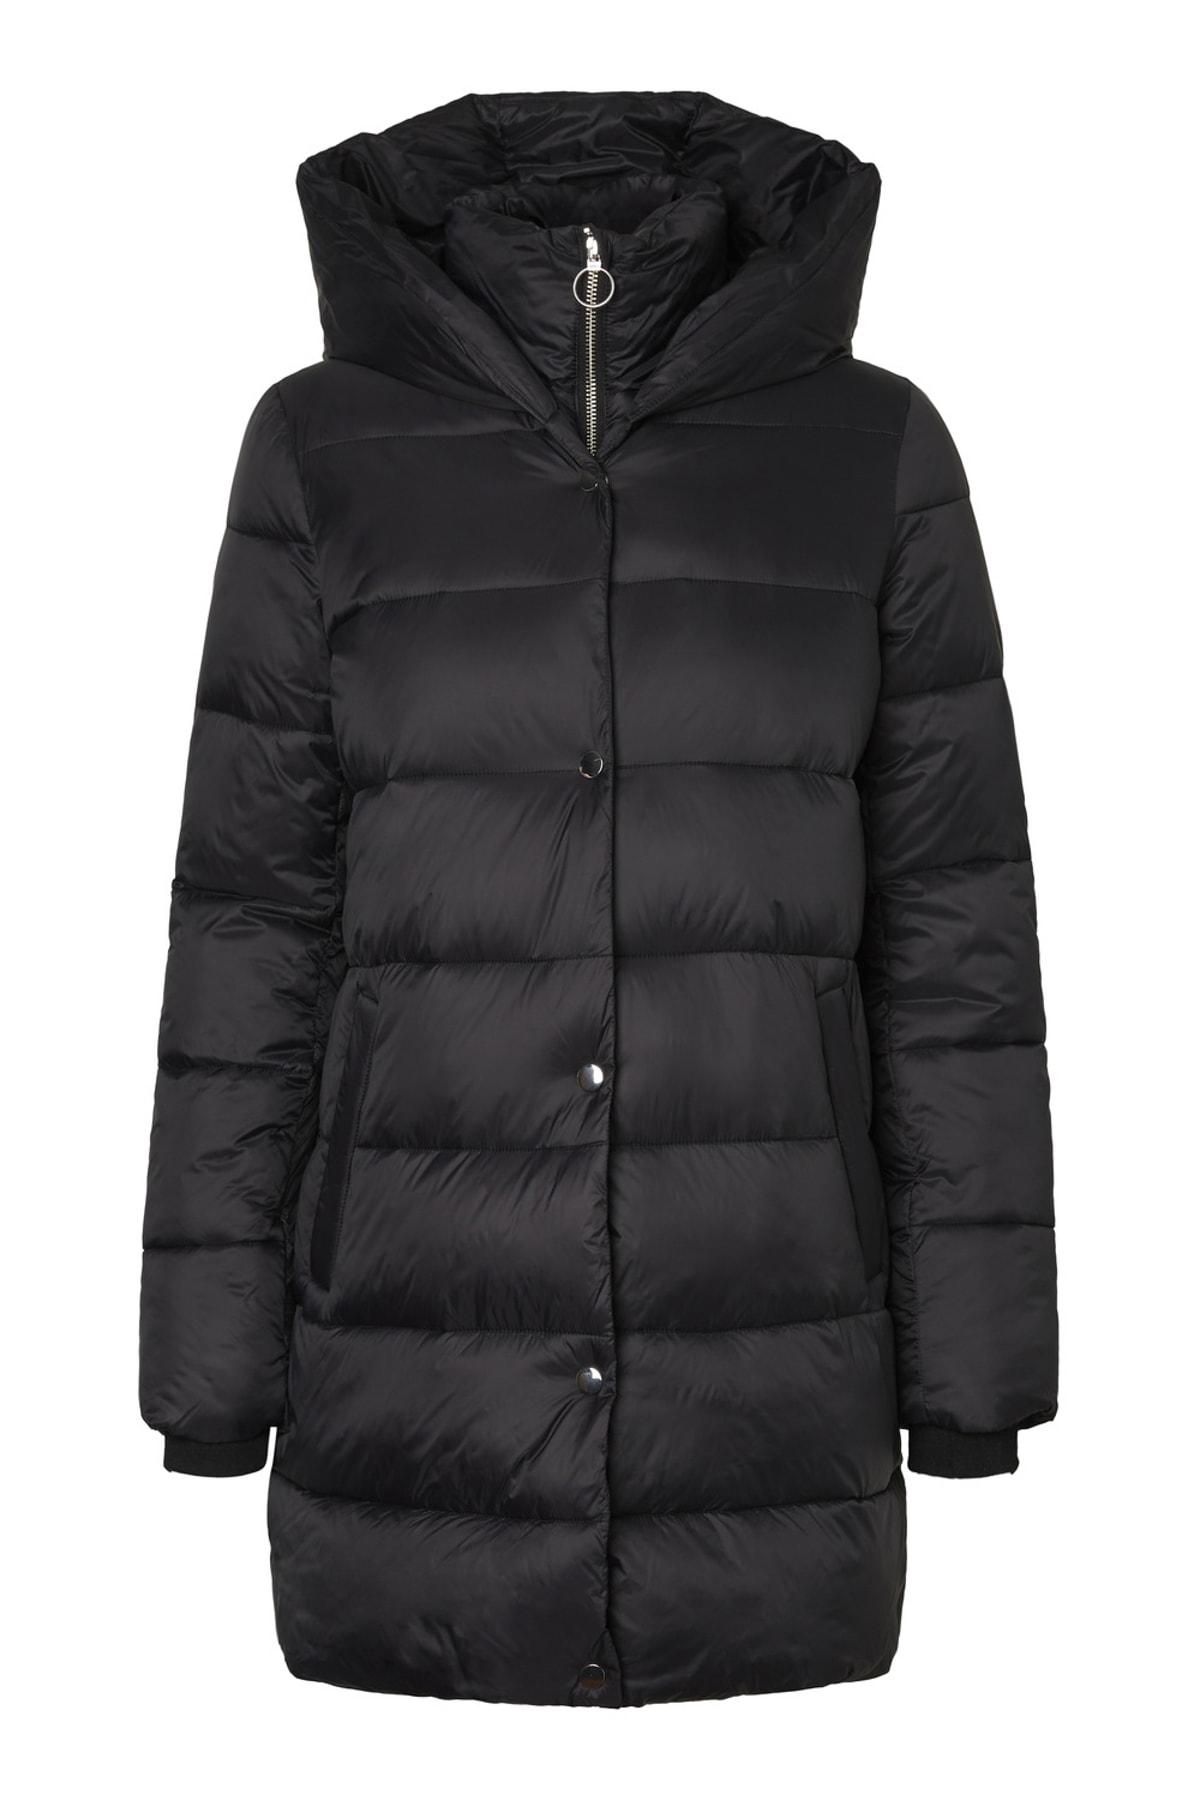 Vero Moda Kadın Siyah Uzun Mont 10217658 VMFORTUNE 1